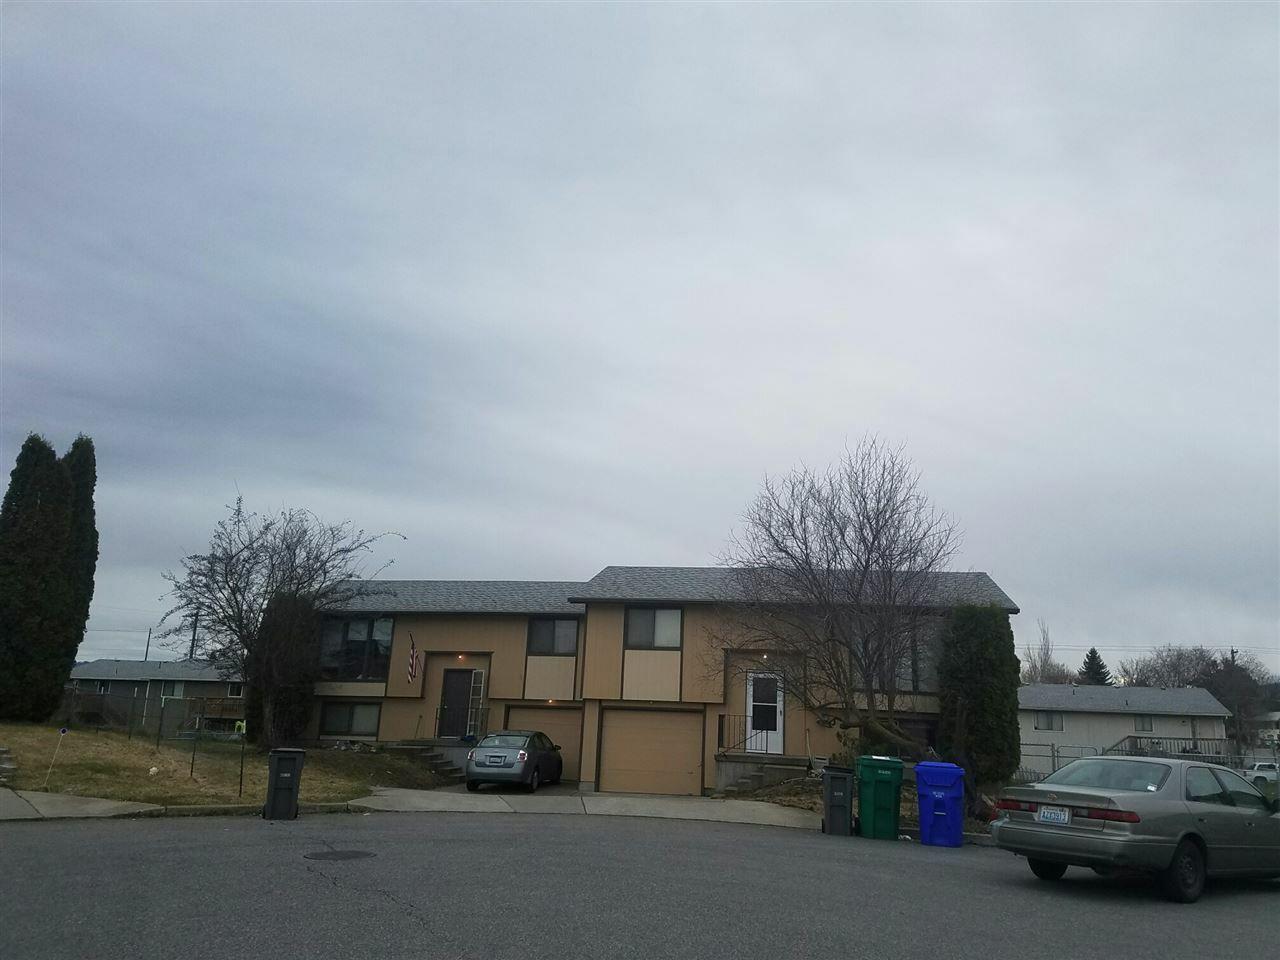 1701 N Glenn Ct 1703 N Glenn Ct, Spokane Valley, WA - USA (photo 1)